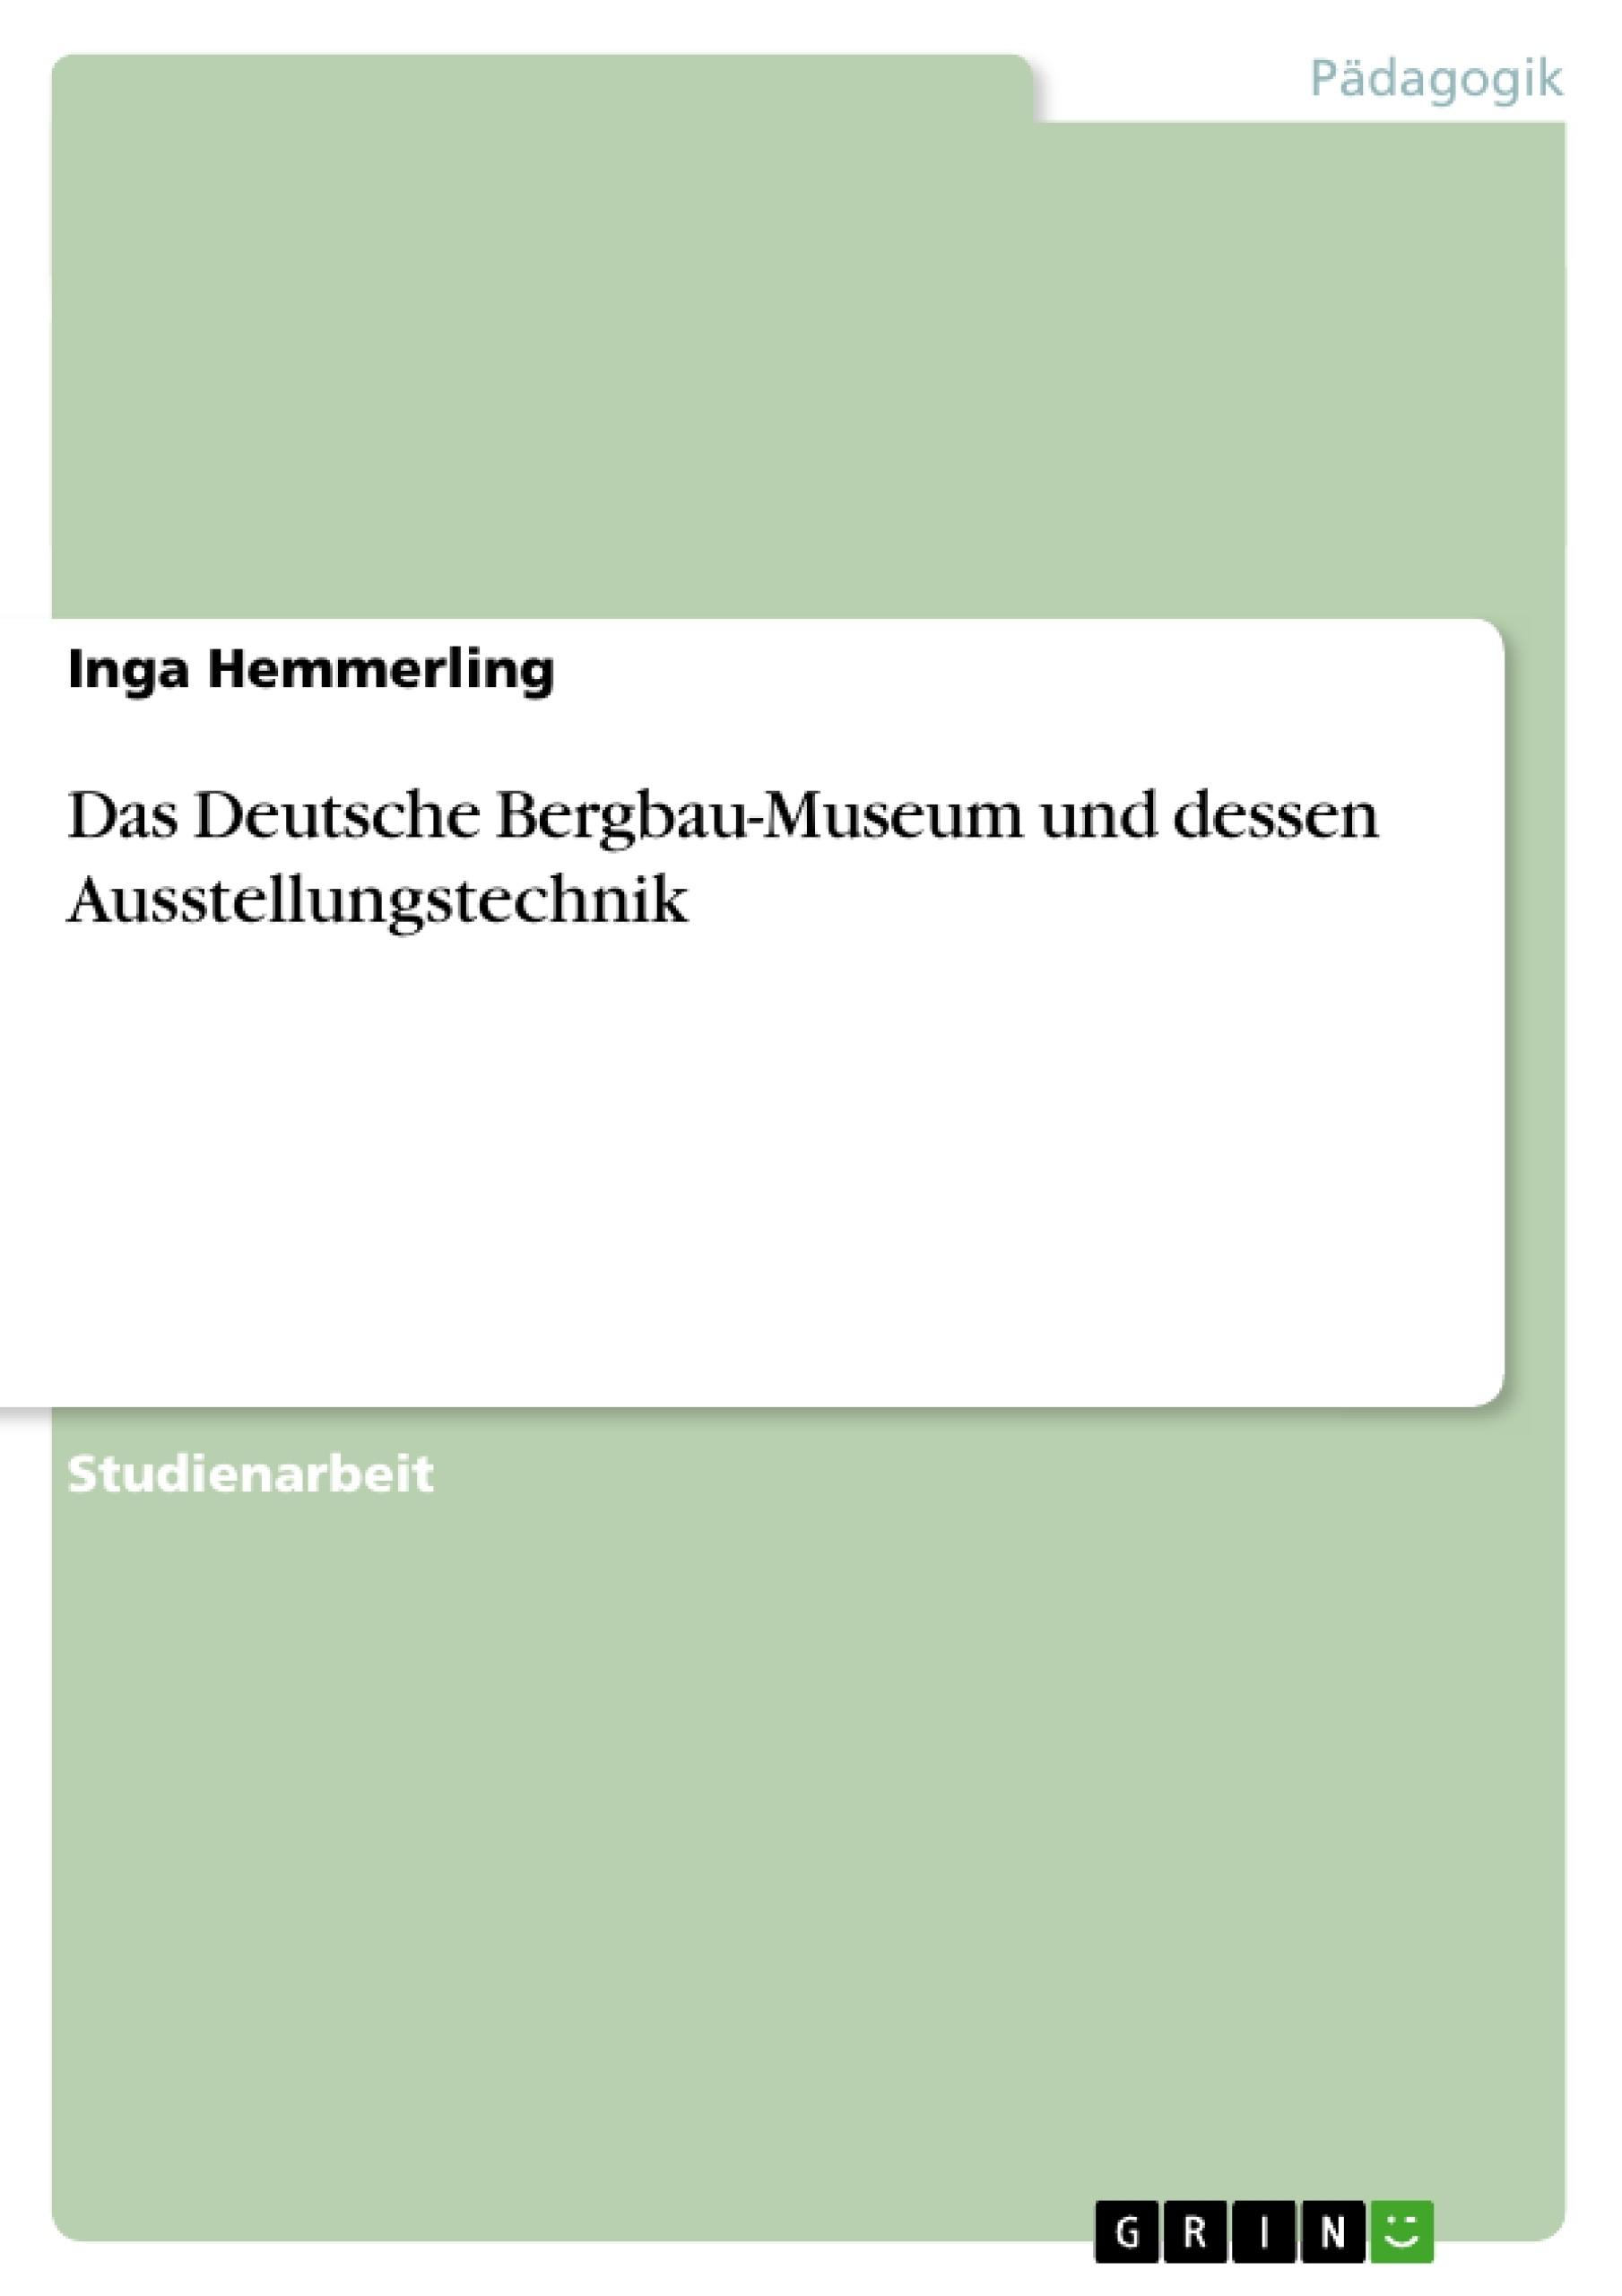 Titel: Das Deutsche Bergbau-Museum und dessen Ausstellungstechnik